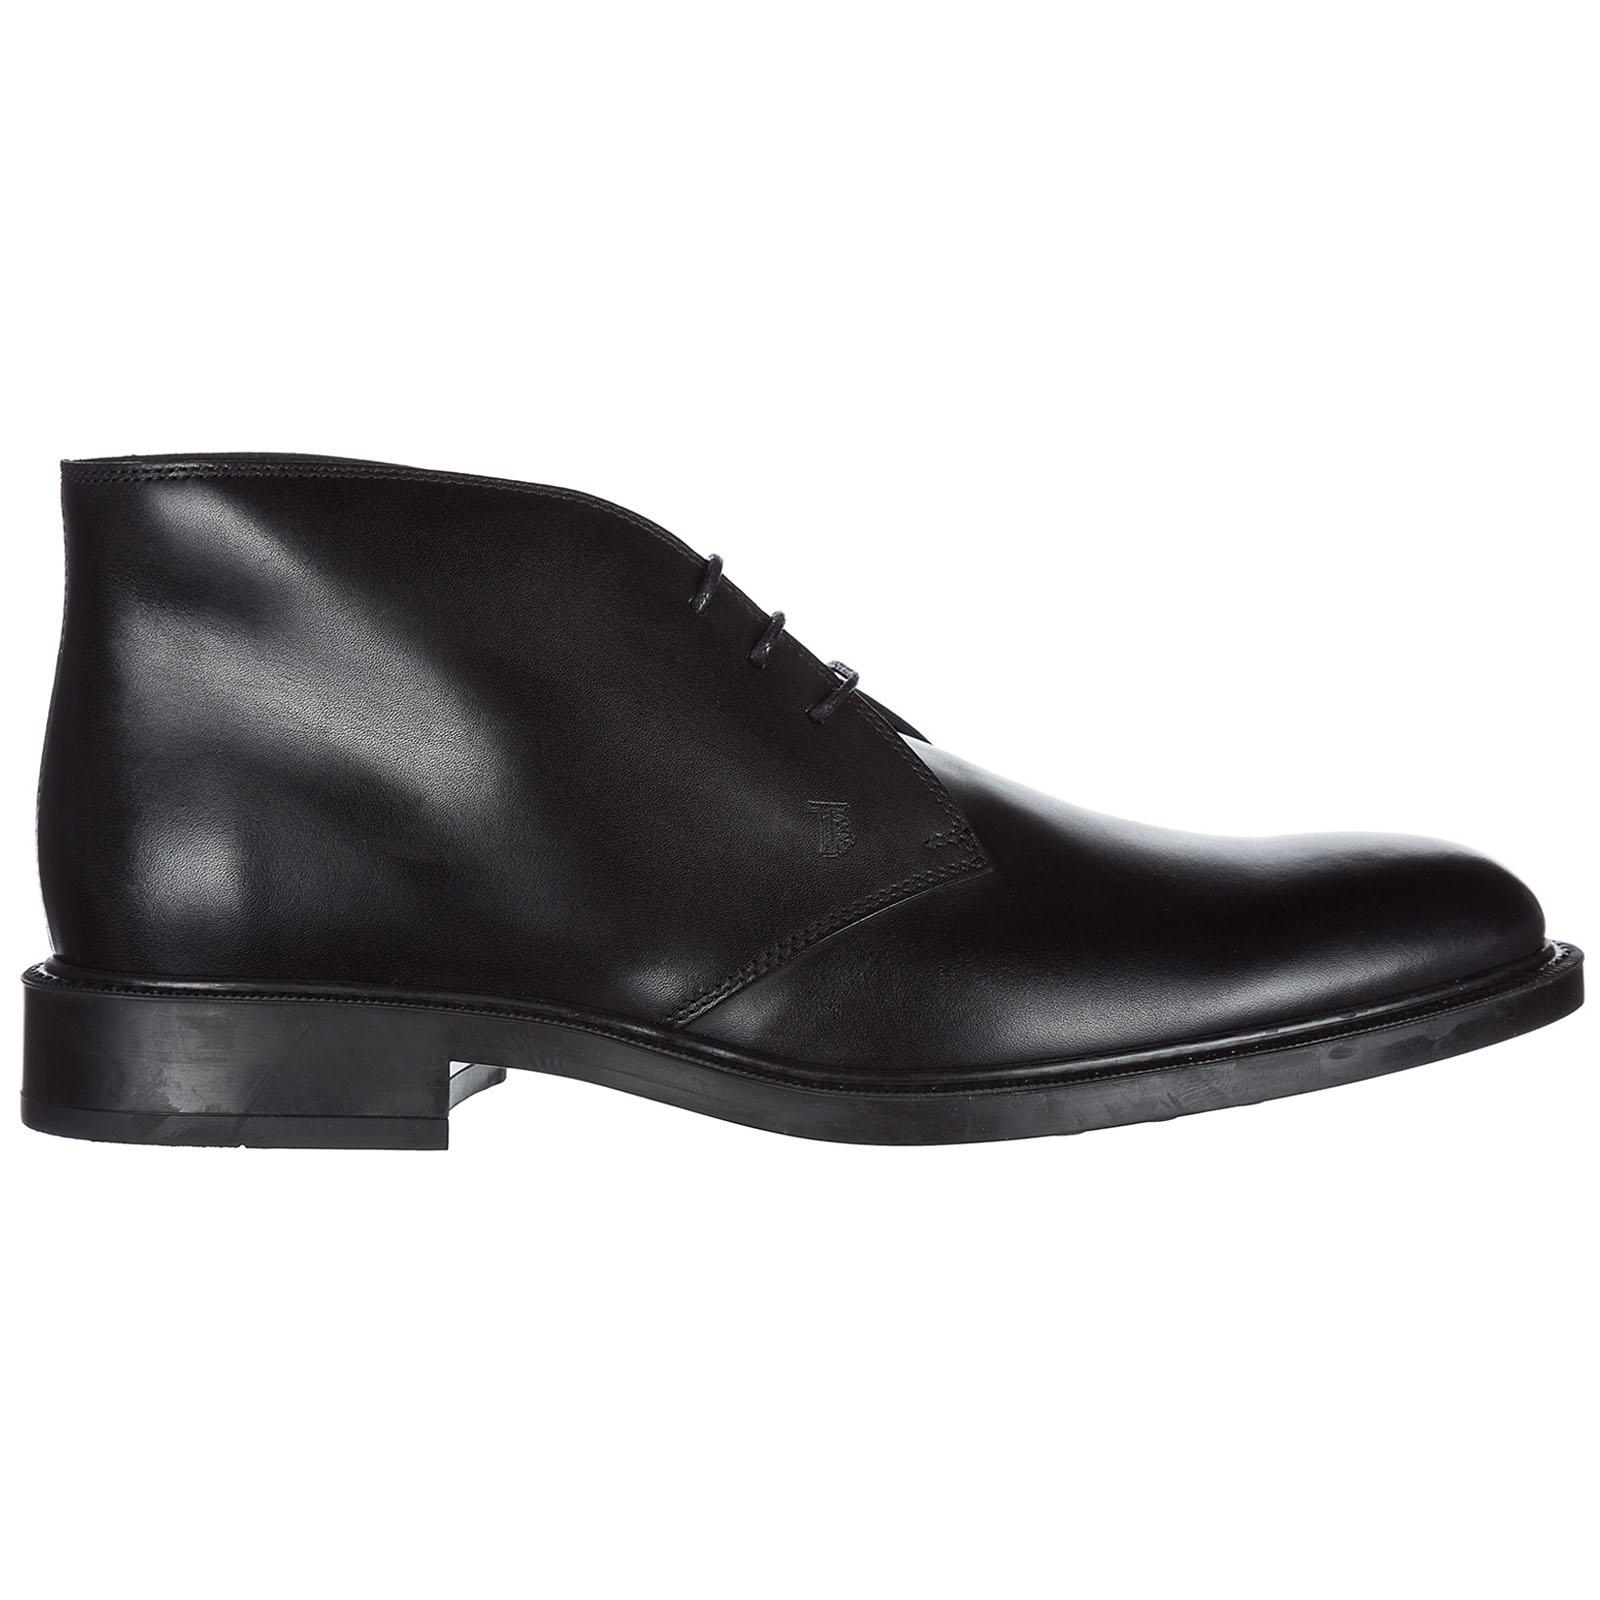 Aclaramiento De Ebay Tod's lace-up ankle boots - Nero Nuevo Y De Moda Populares Barato iP0ZhHNyF